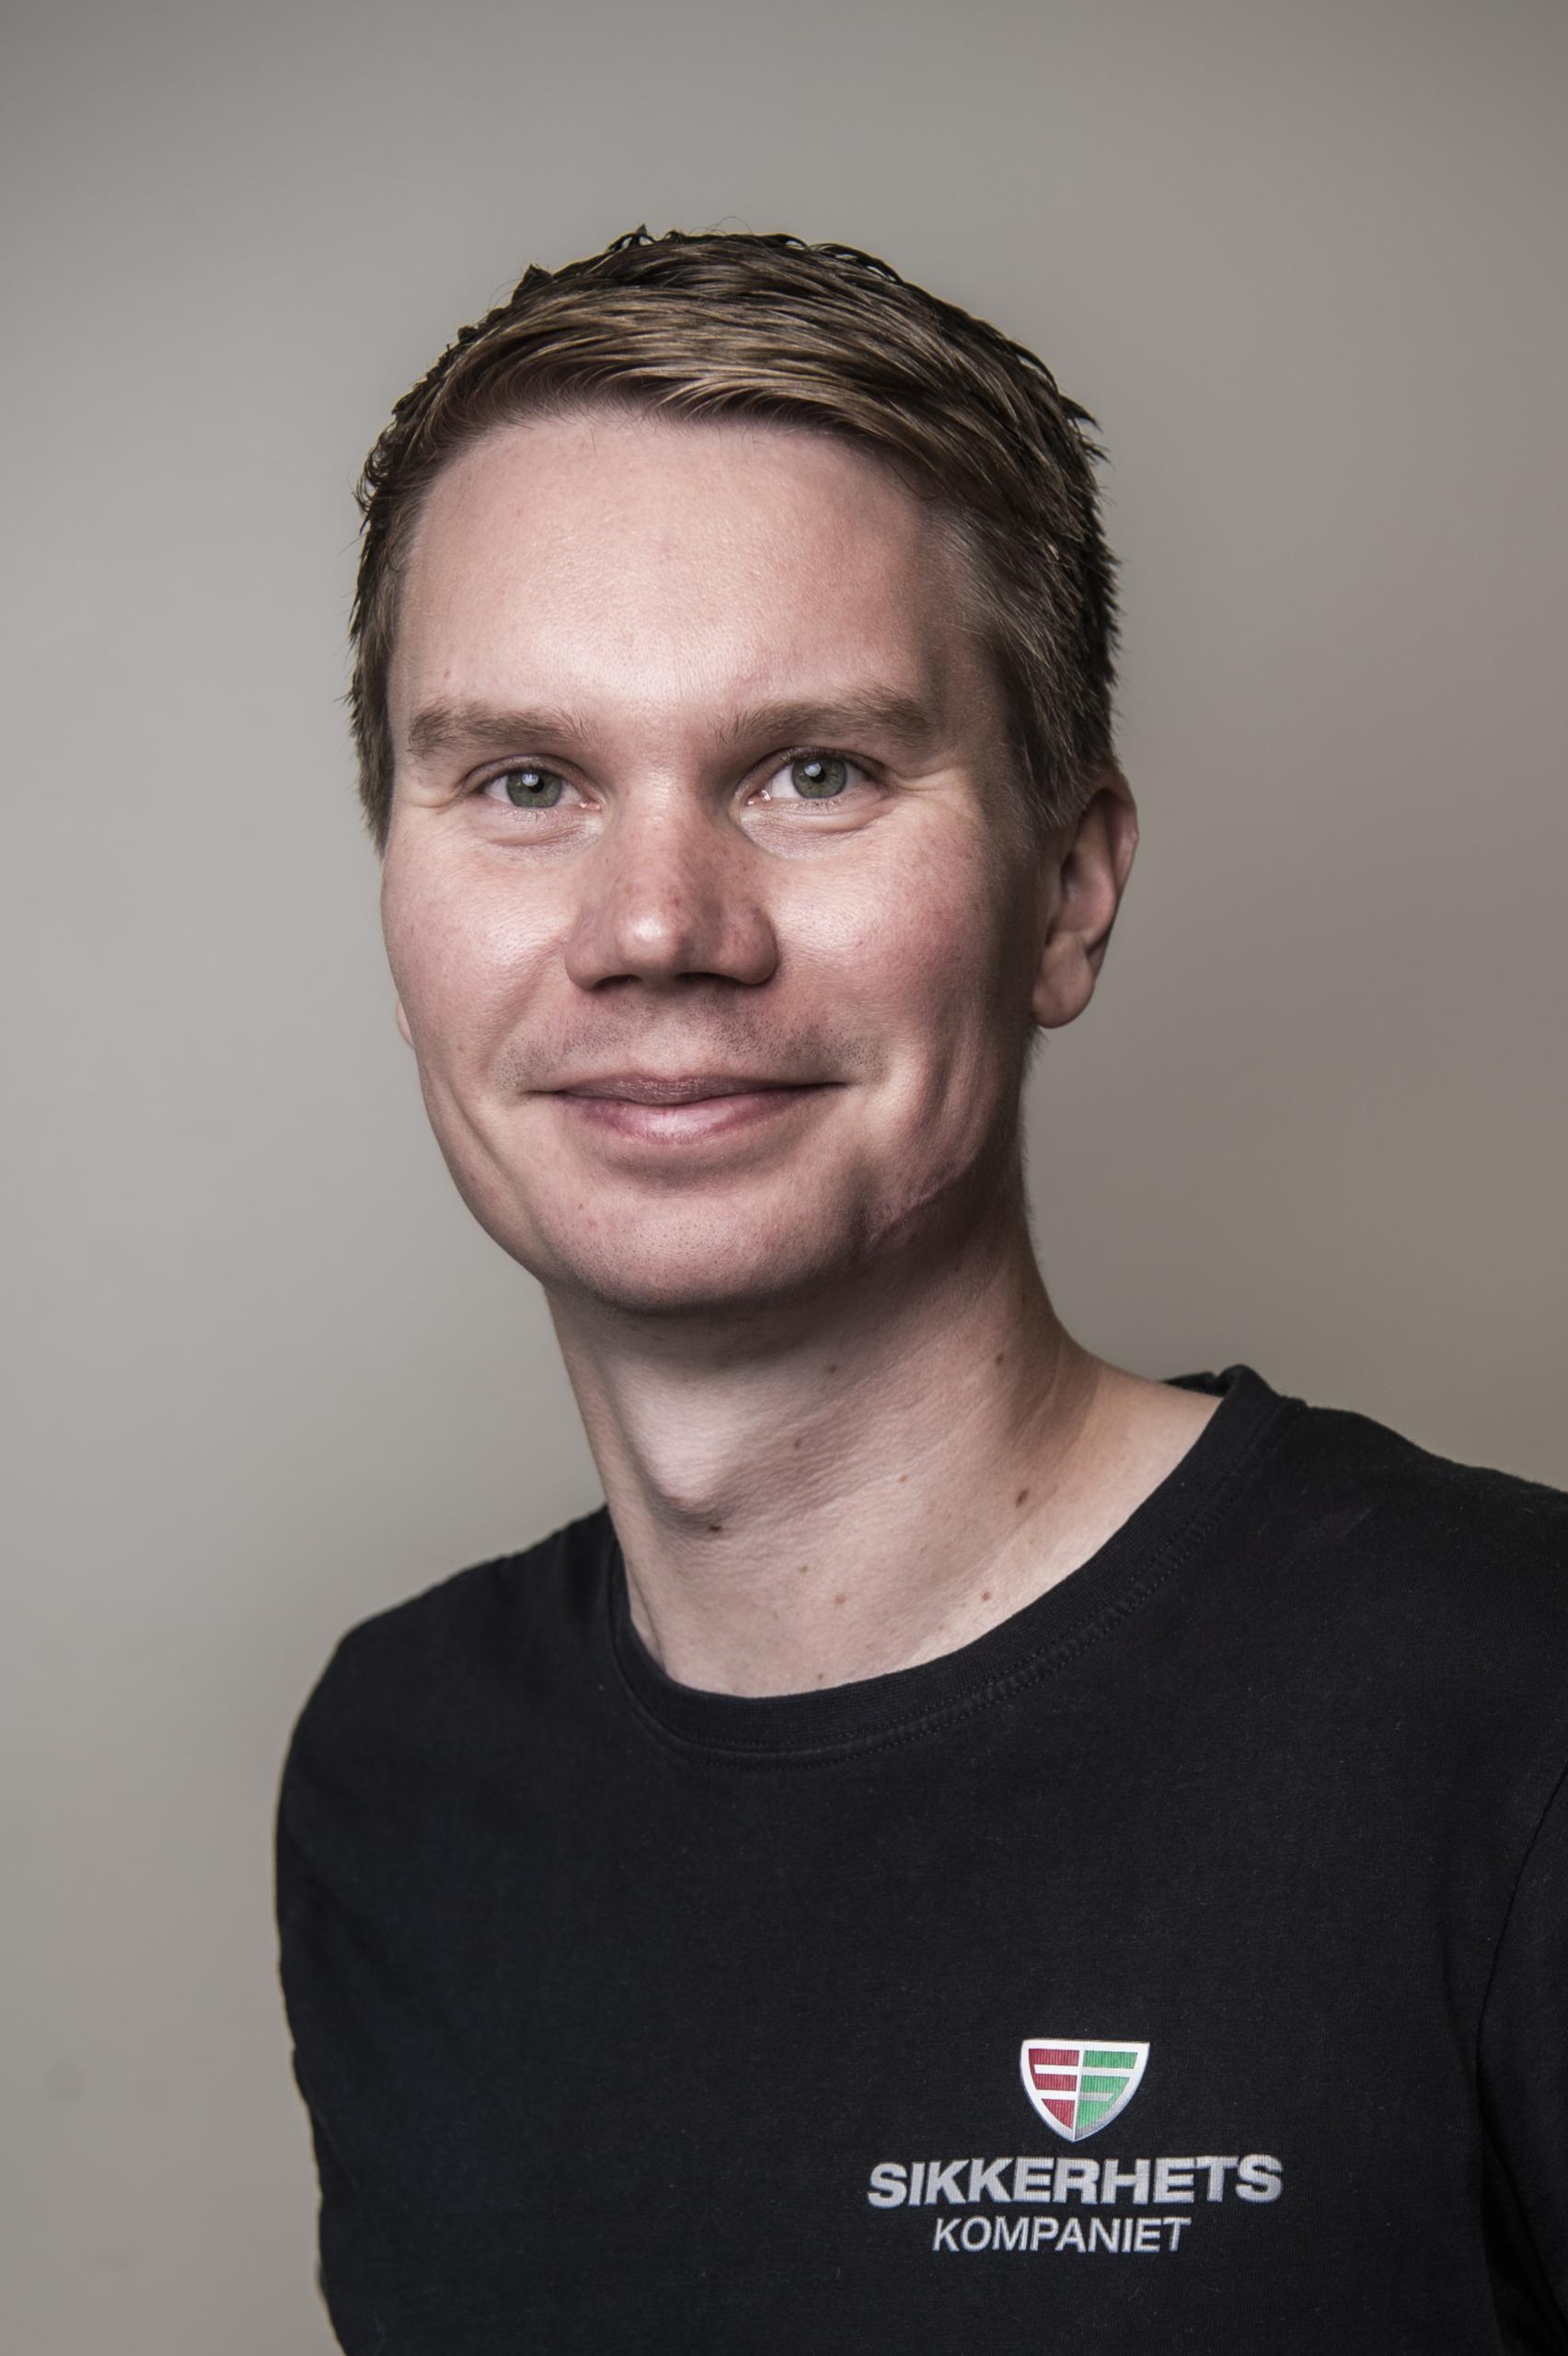 Palli Steindorsson